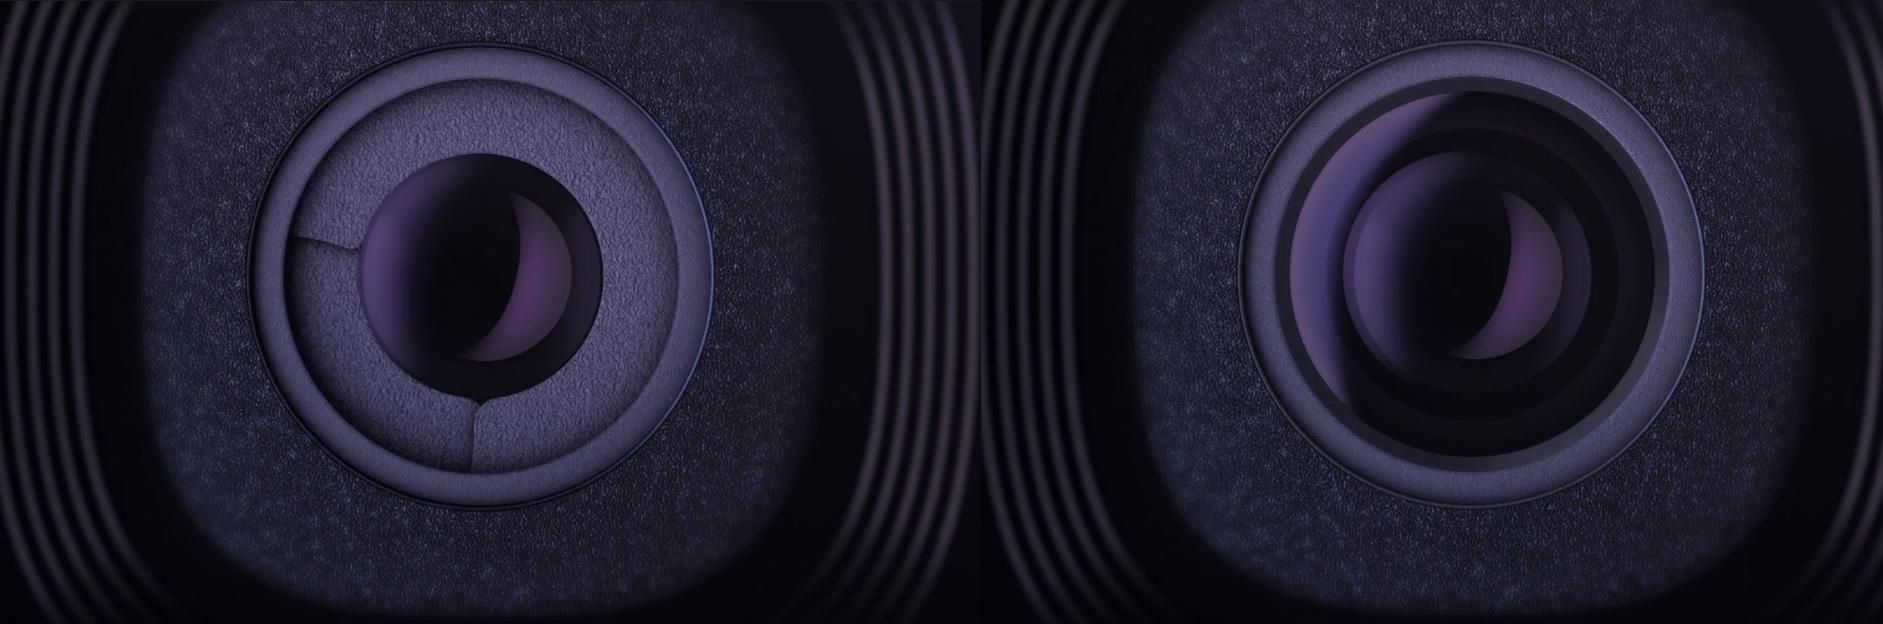 Skvělé snímky za šera a detailnější snímky za světla - Samsung Galaxy S9 má proměnlivou mechanickou clonu